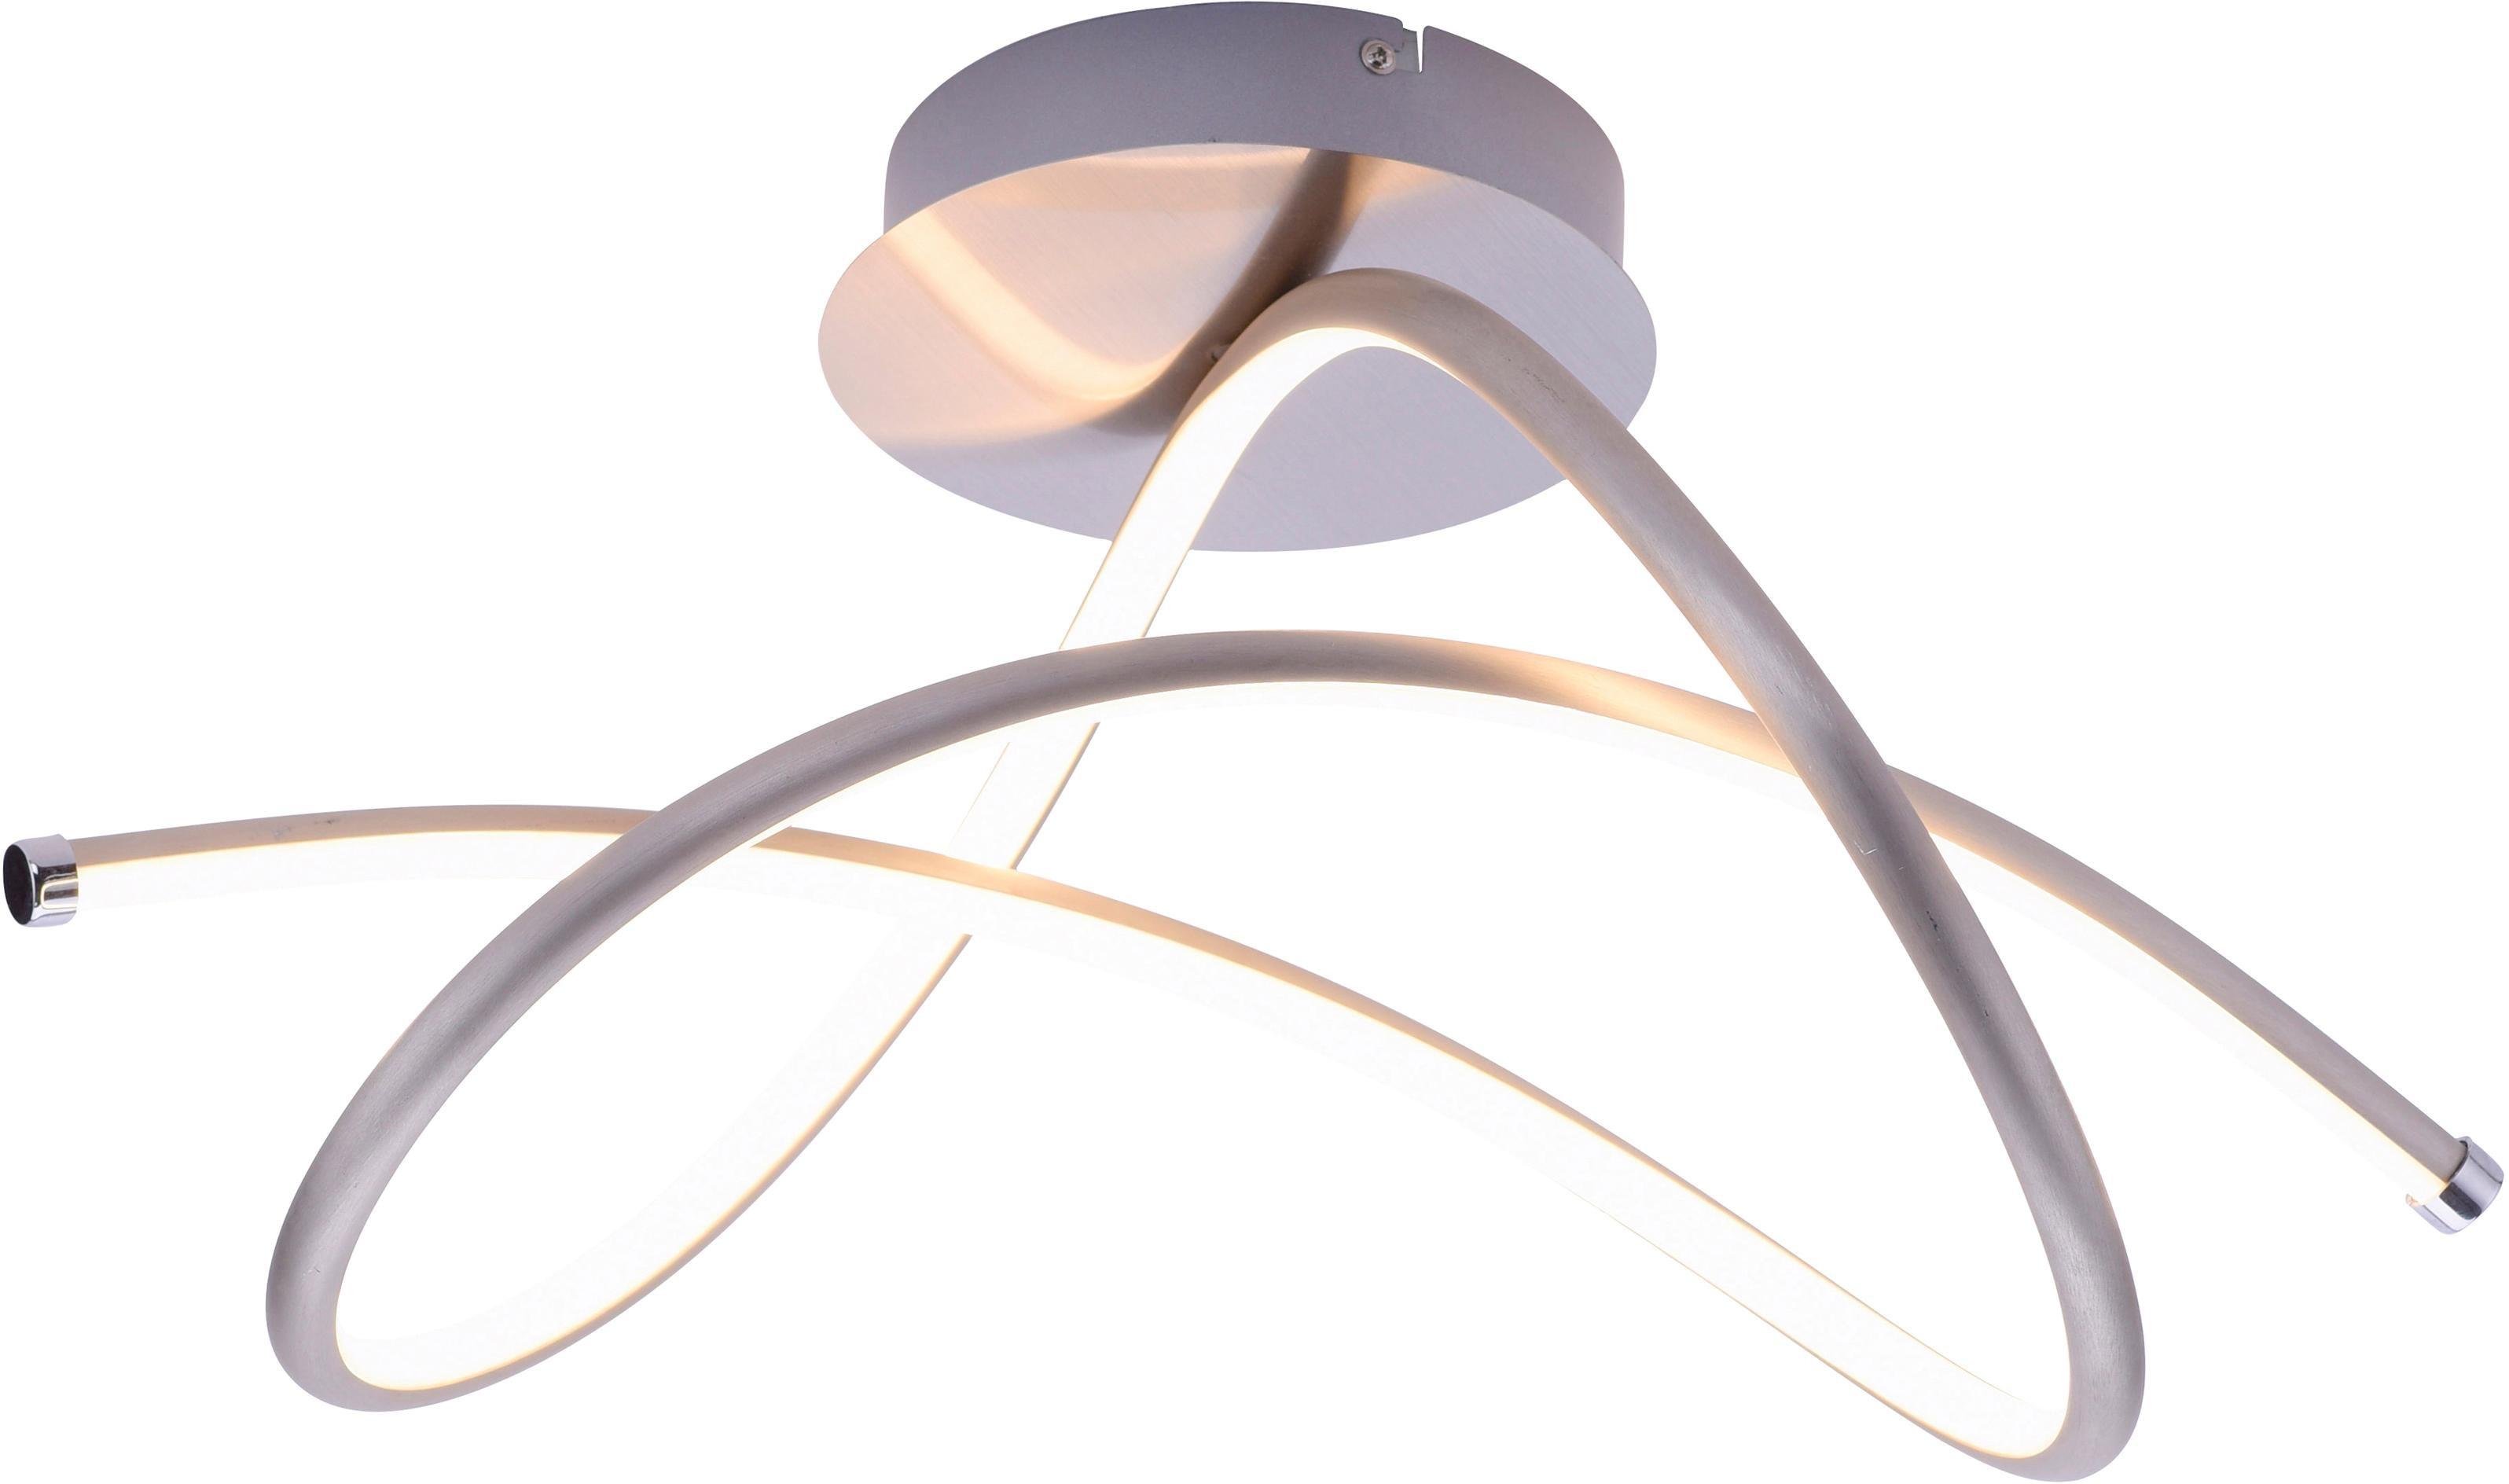 Leuchten Direkt Deckenleuchte VIOLETTA, LED-Board, Warmweiß, inklusive festverbaute LED, geschwungene aus Stahl gefertigte Deckenlampe